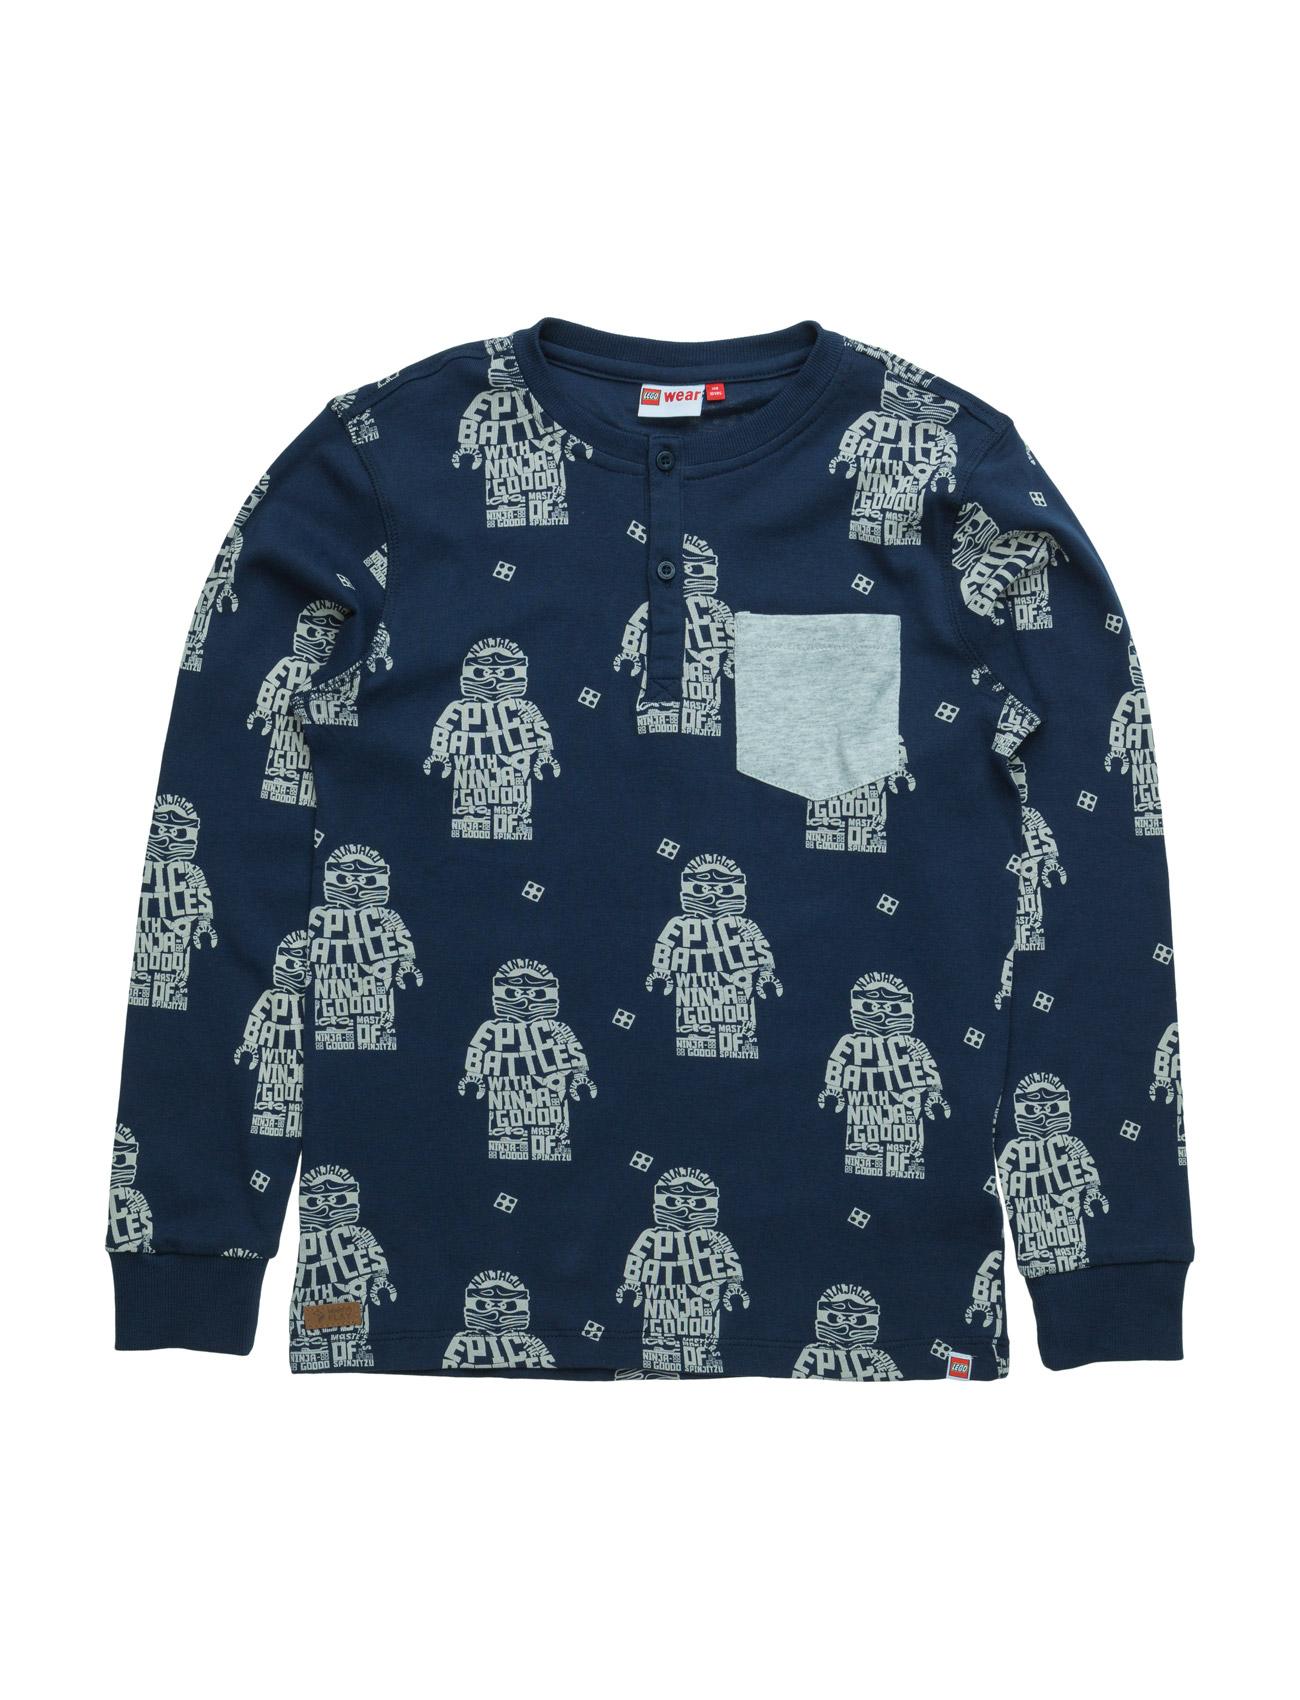 Teo 105 - T-Shirt L/S Lego wear Langærmede t-shirts til Børn i Mørk Navy